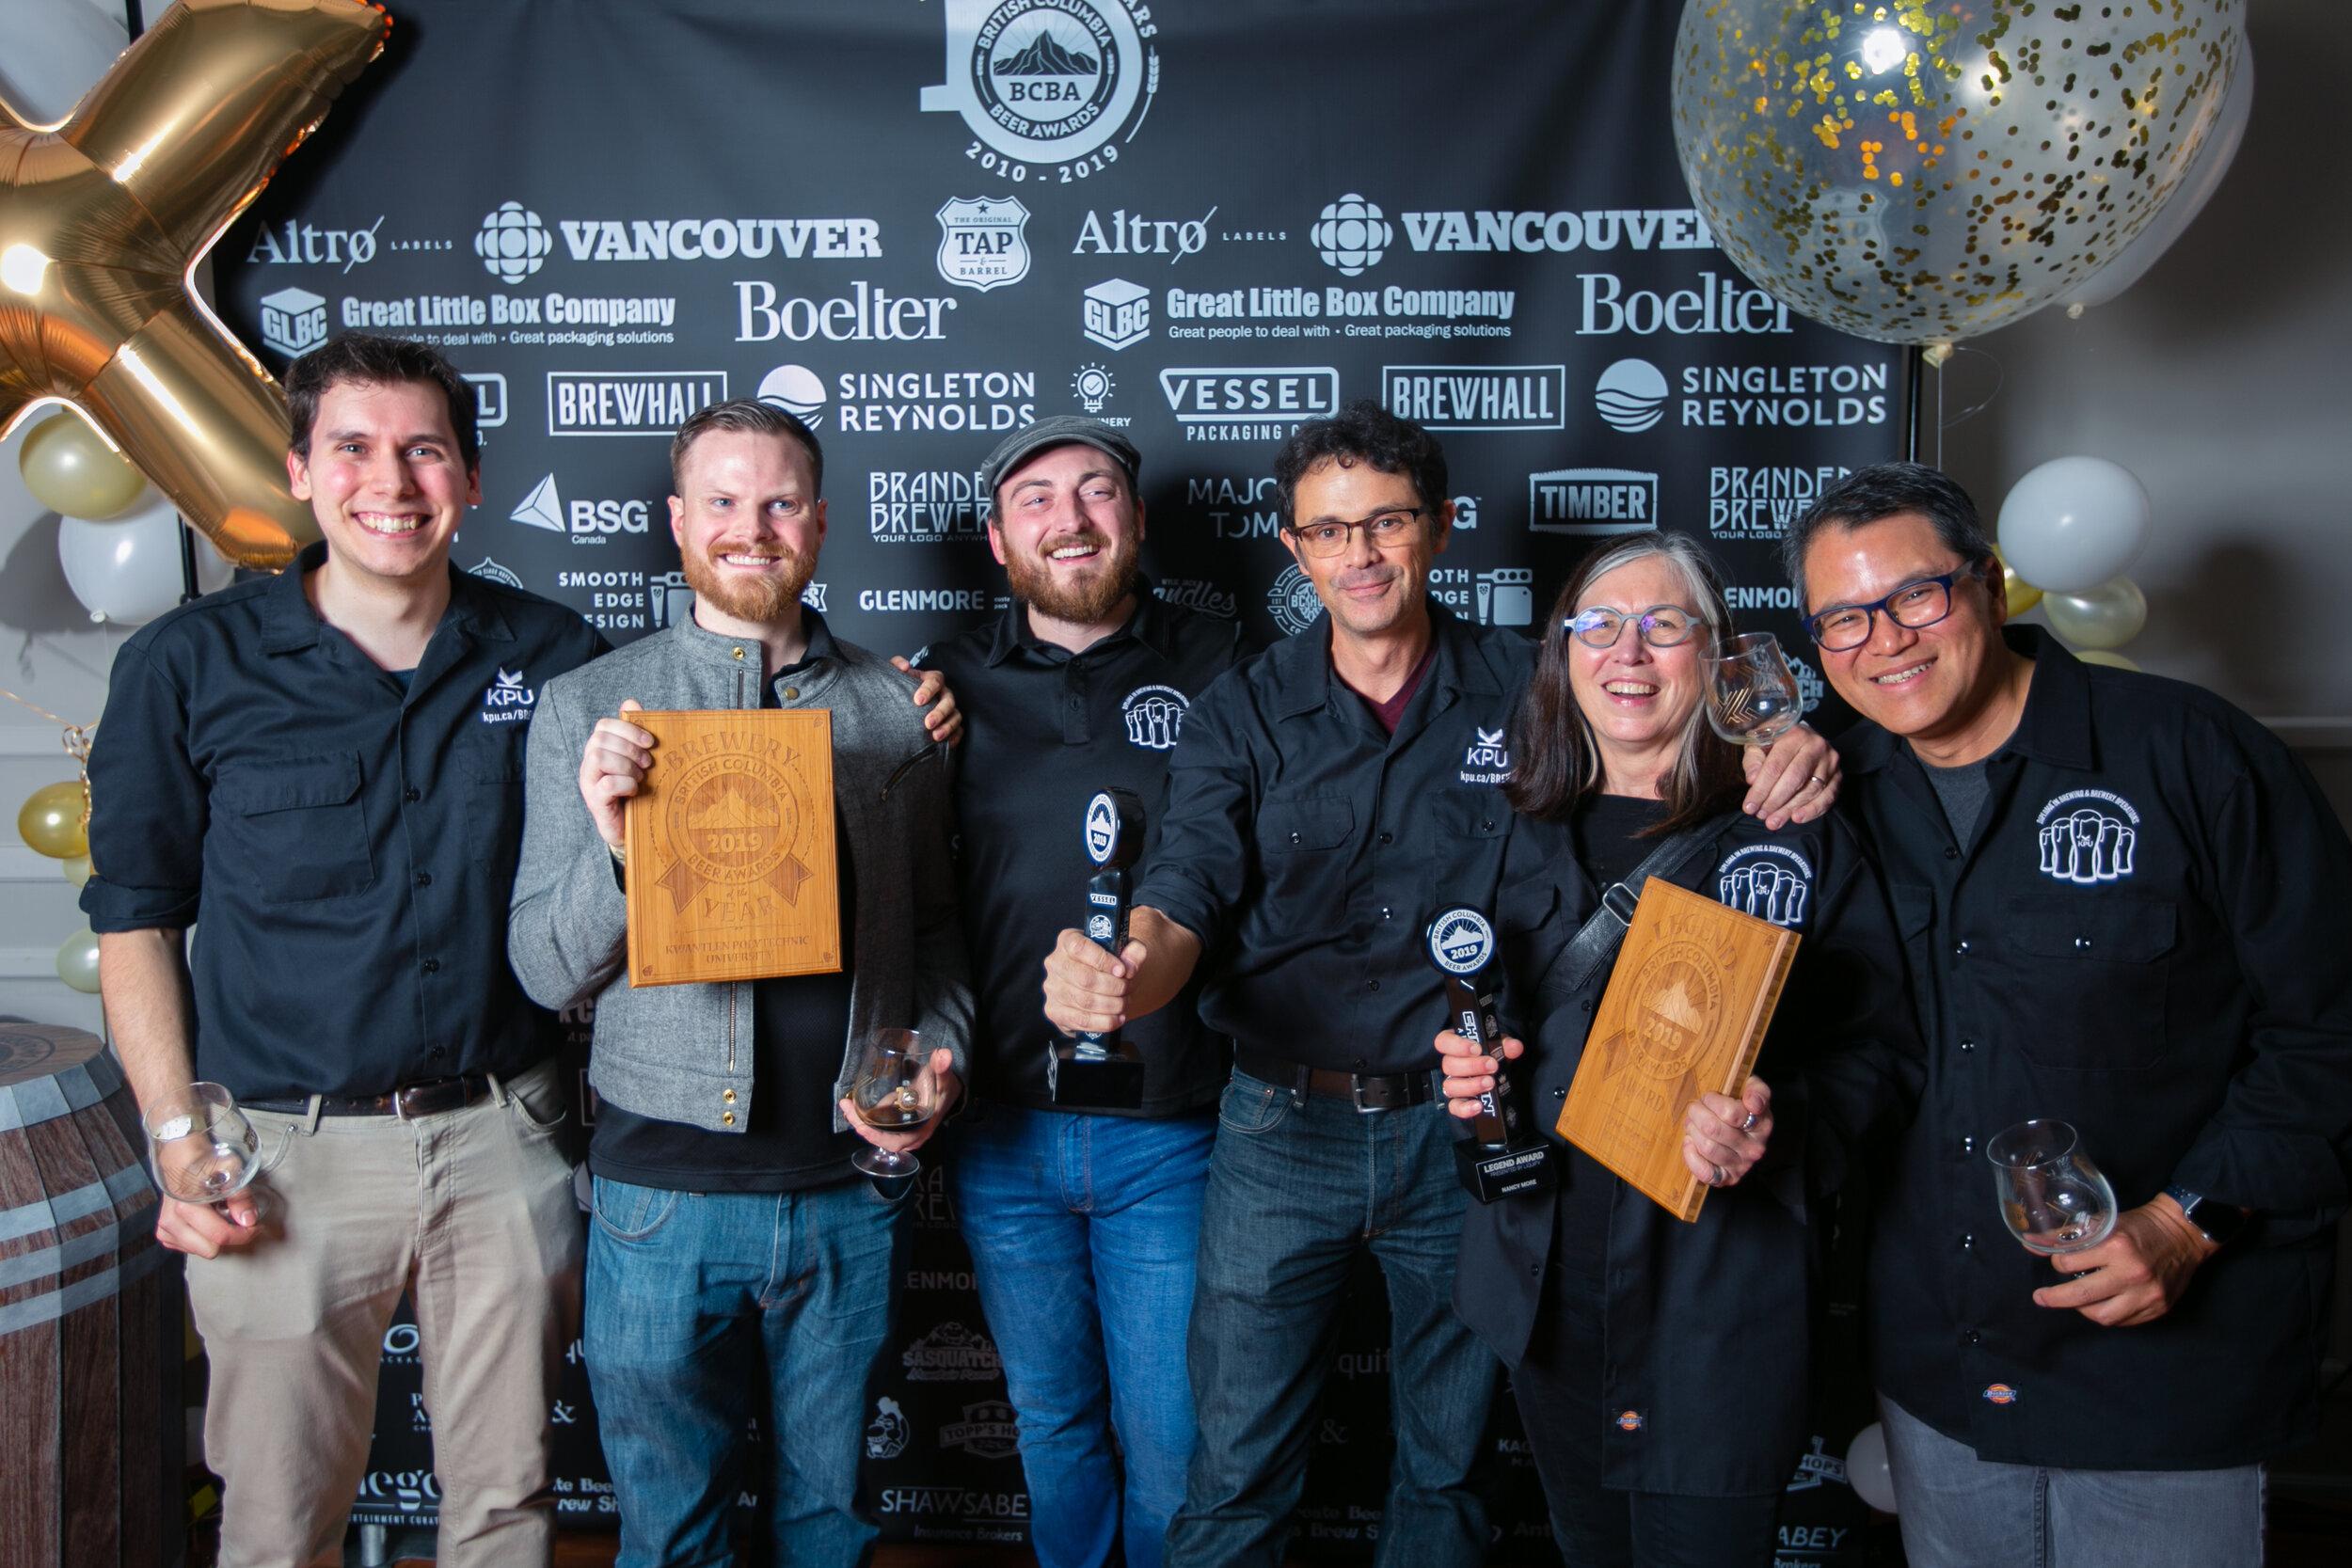 2019 BC Beer Awards KPU Brewing photo by JustJash